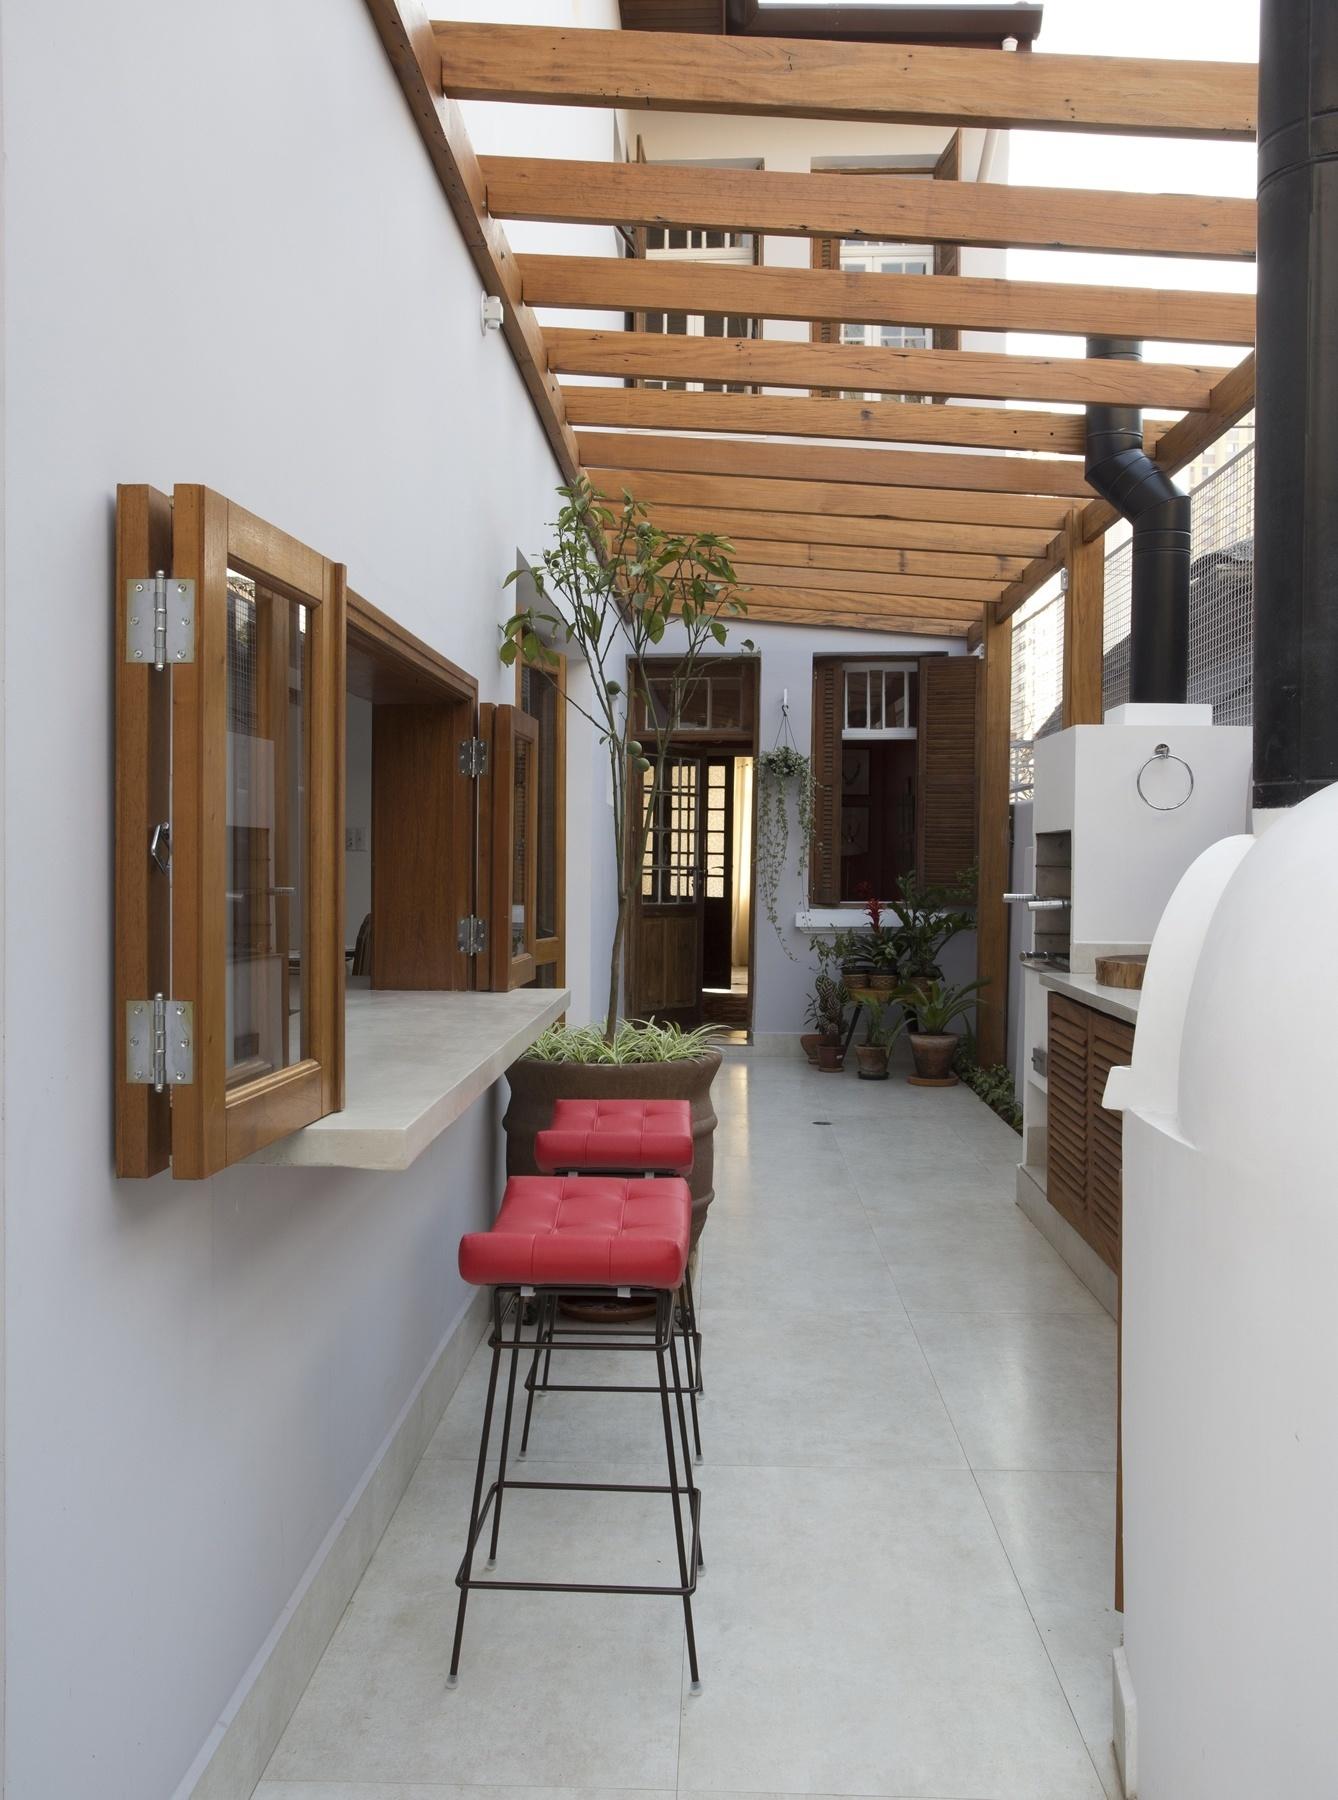 Varandas: veja algumas opções para decorar o ambiente externo BOL  #8B6240 1338 1800